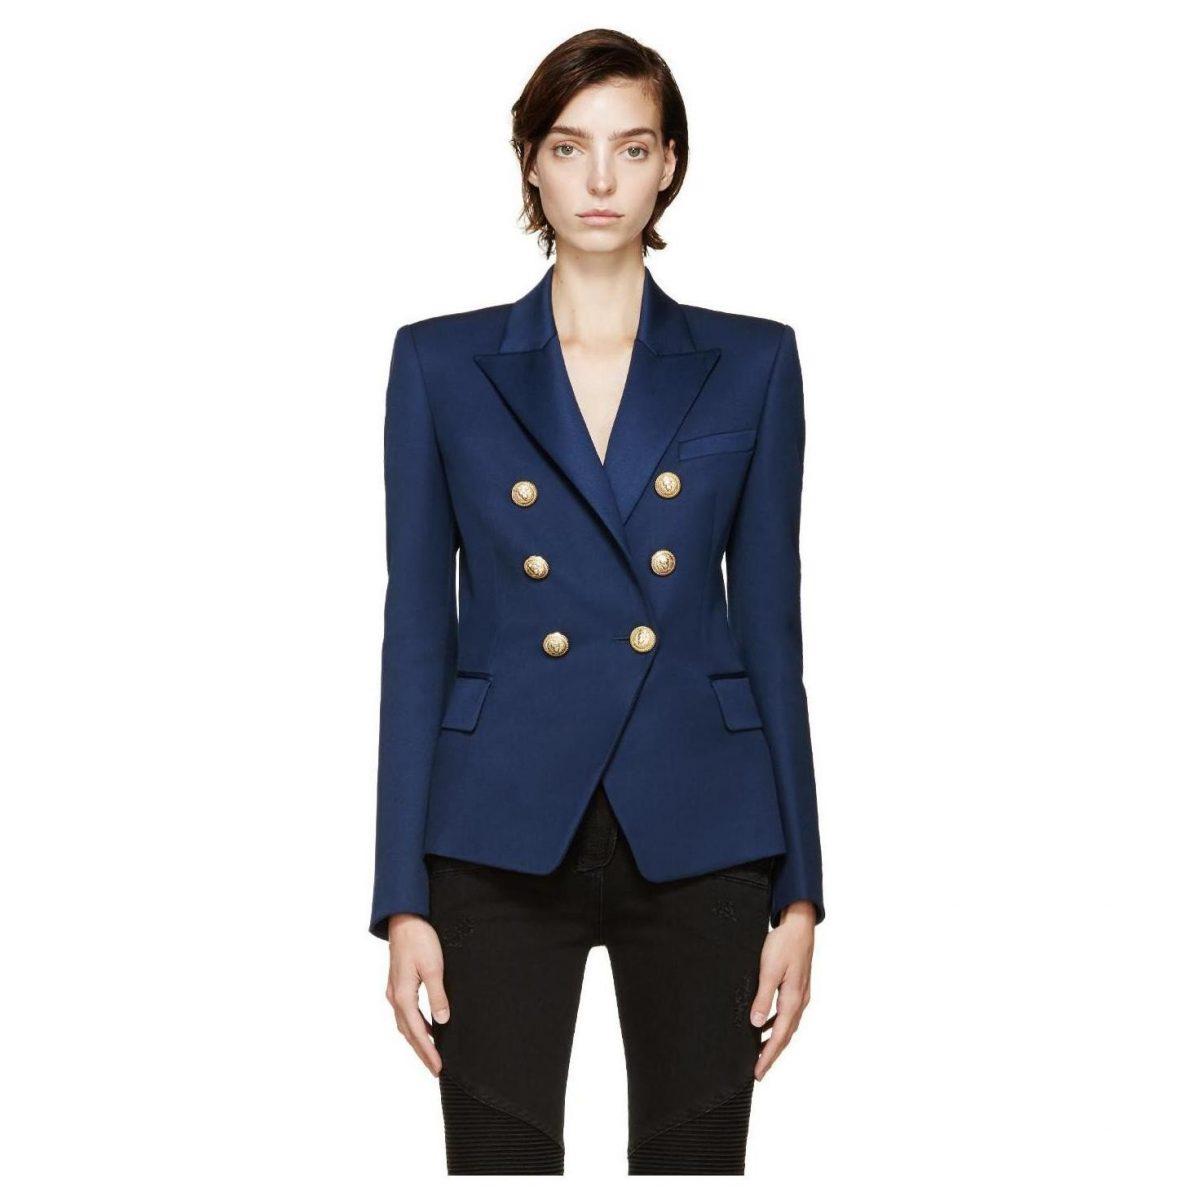 синий двубортный пиджак с металлическими пуговицами женский 2018 фото новинки